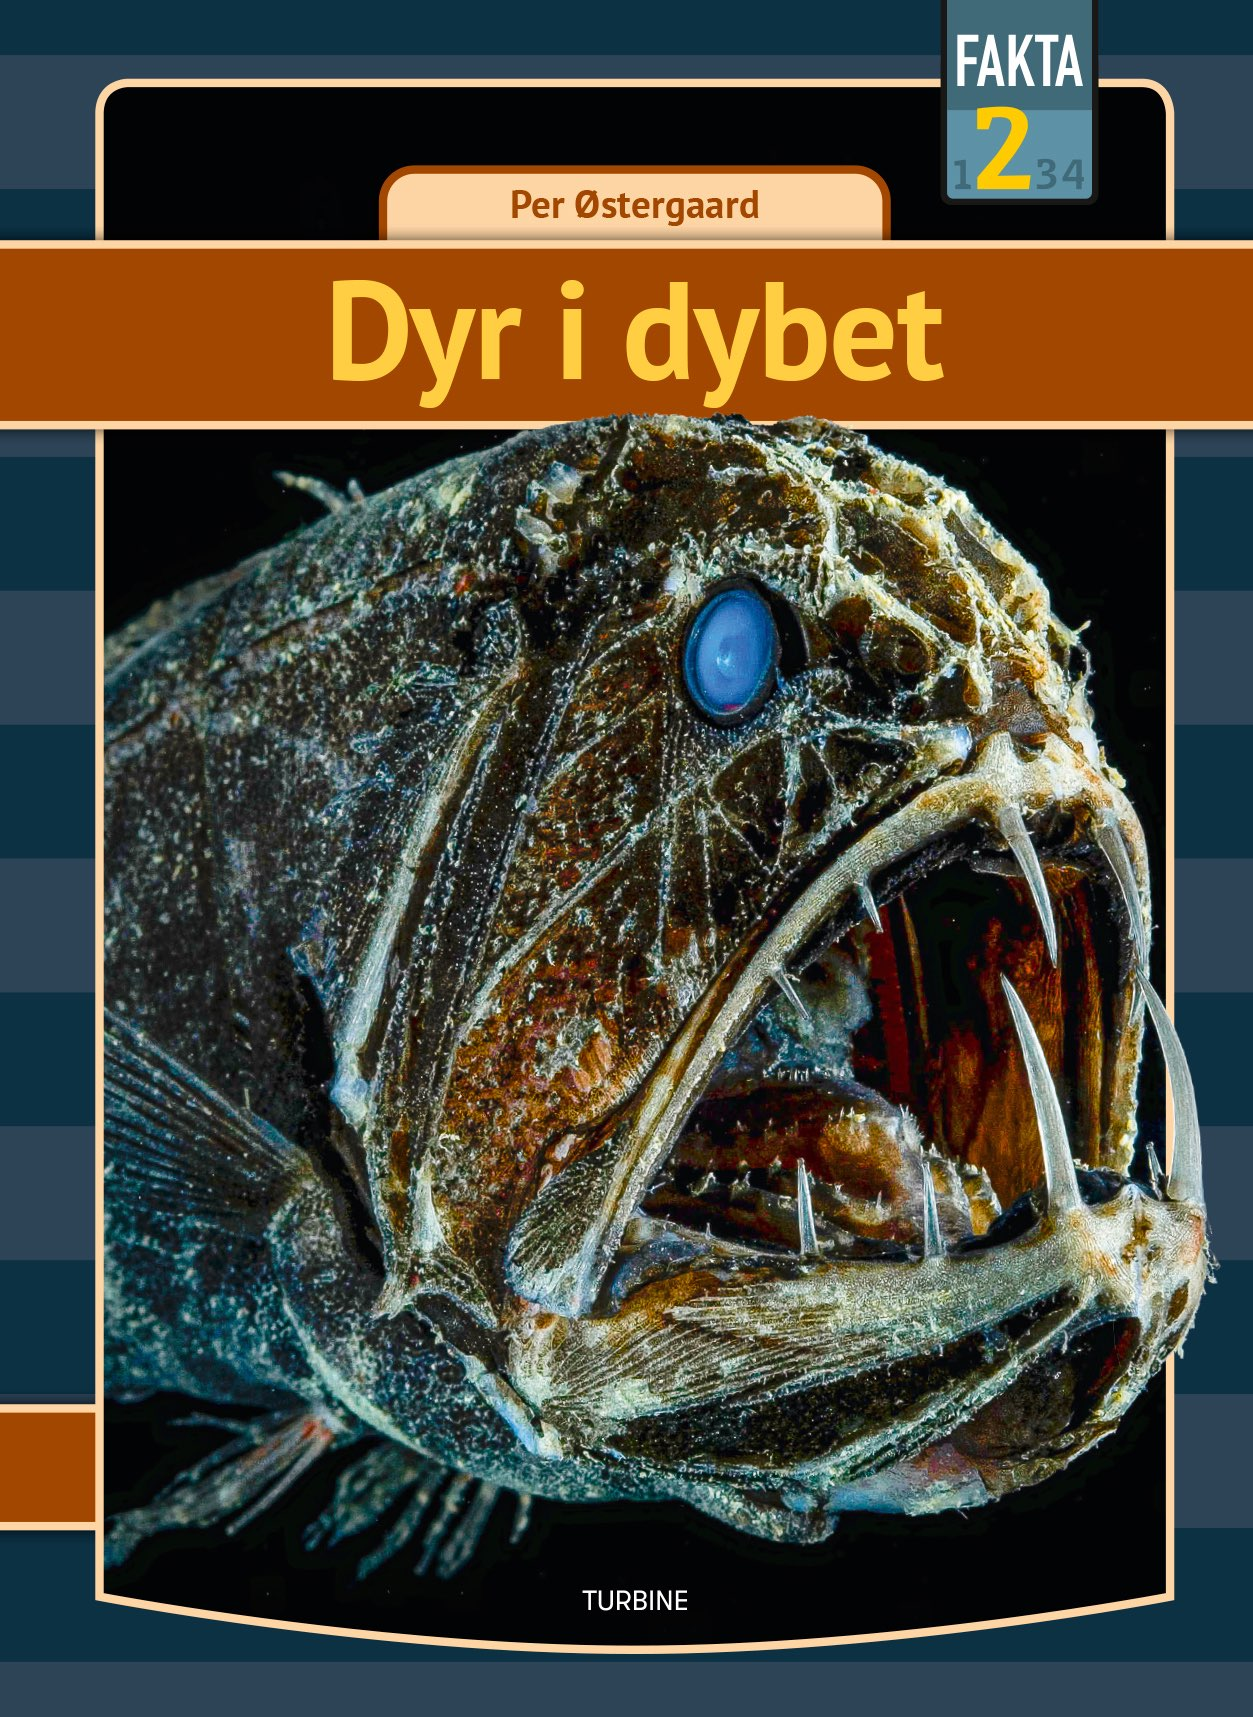 Fakta 2: Dyr i dybet - Per Østergaard - Bøger - Turbine - 9788740663549 - 29. jul 2020